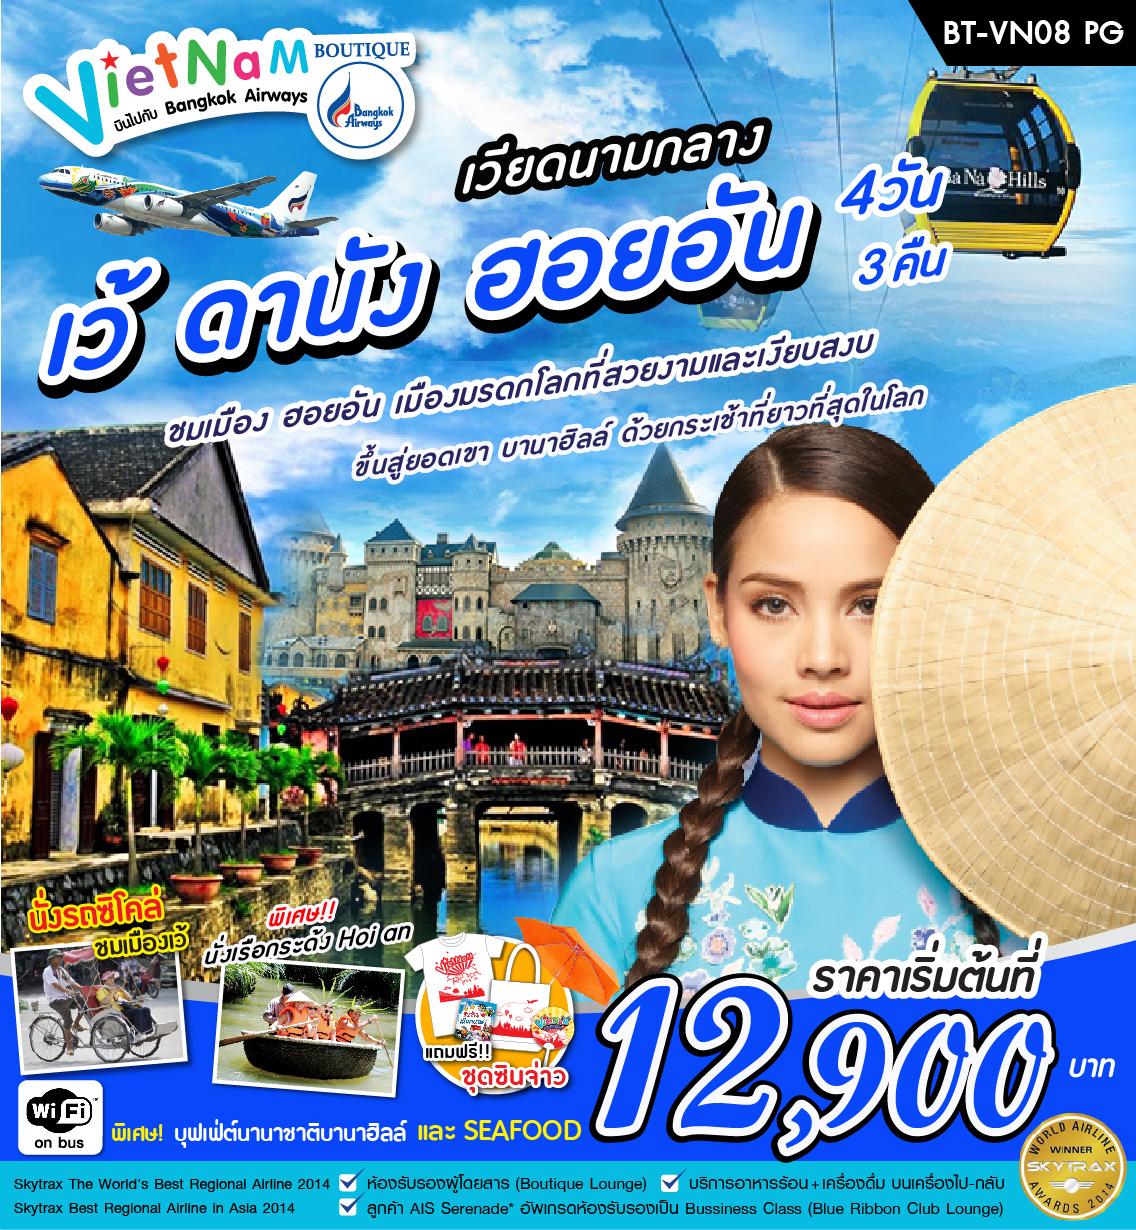 -ทัวร์เวียดนามกลาง-ปีใหม่-เว้-ดานัง-ฮอยอัน-4วัน-3คืน-(NOV18-JAN19)-VN08